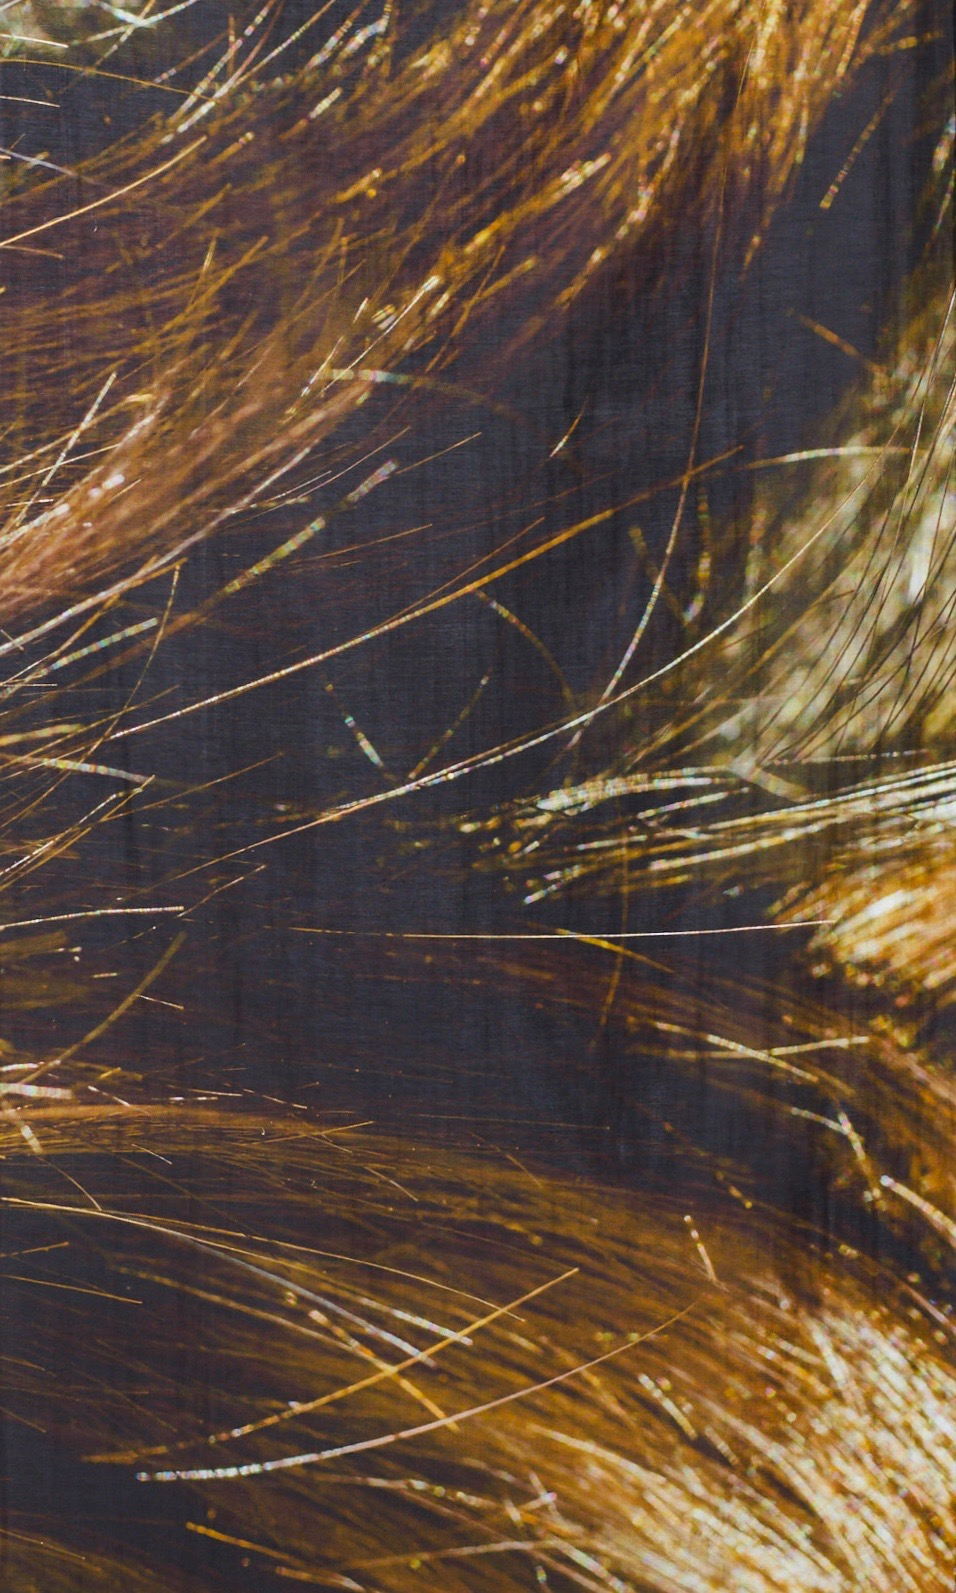 Scarf Brown detail .jpg